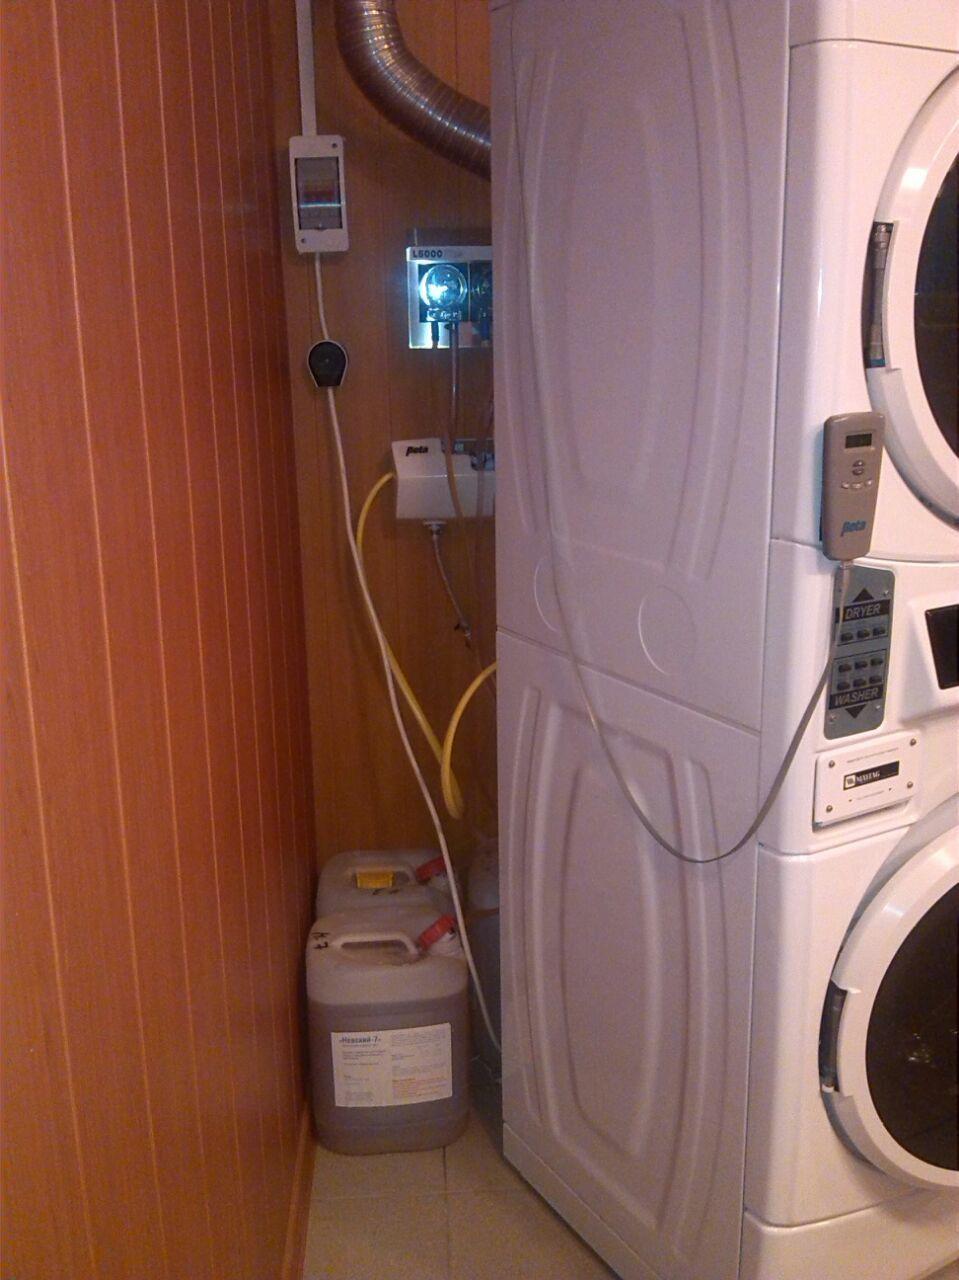 Манифолд, дозатор электроподключение, вентиляция, канистры с моющими.JPG